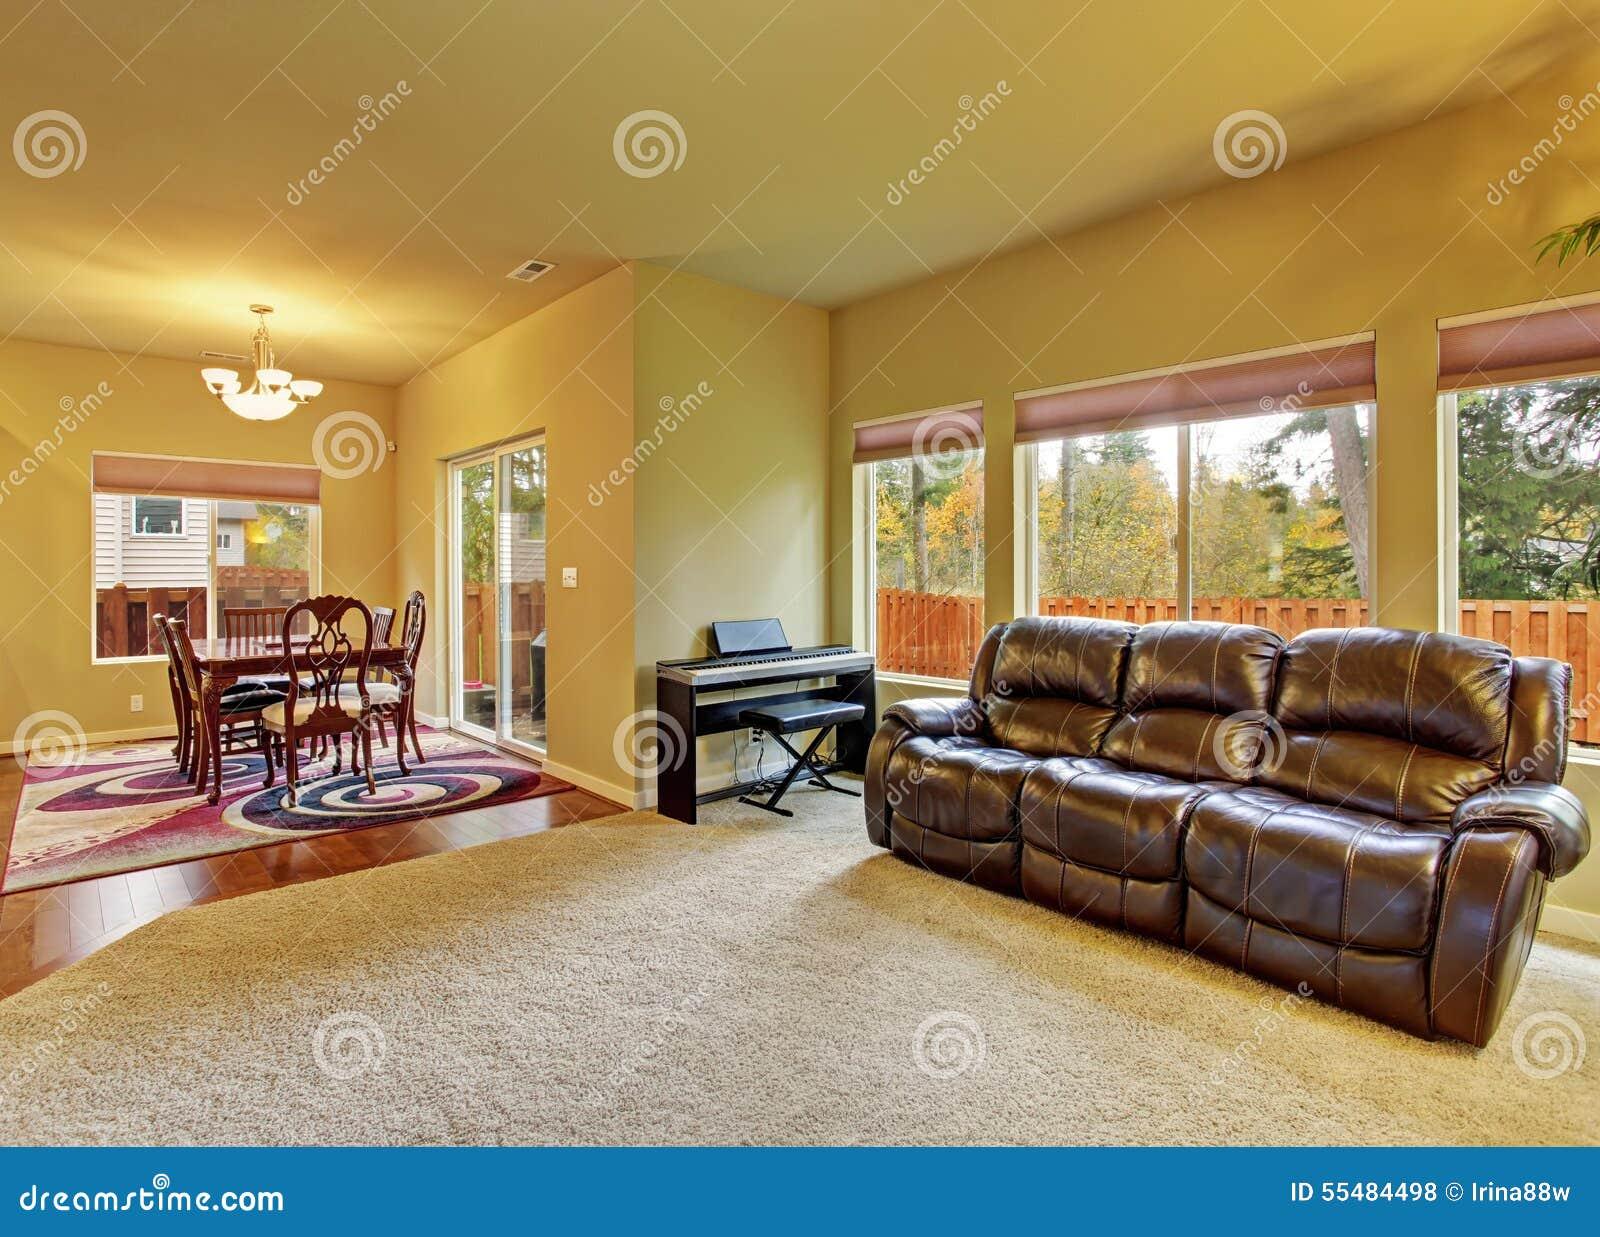 Gemütliches Wohnzimmer Mit Teppich Und Kamin Stockfoto - Bild von ...